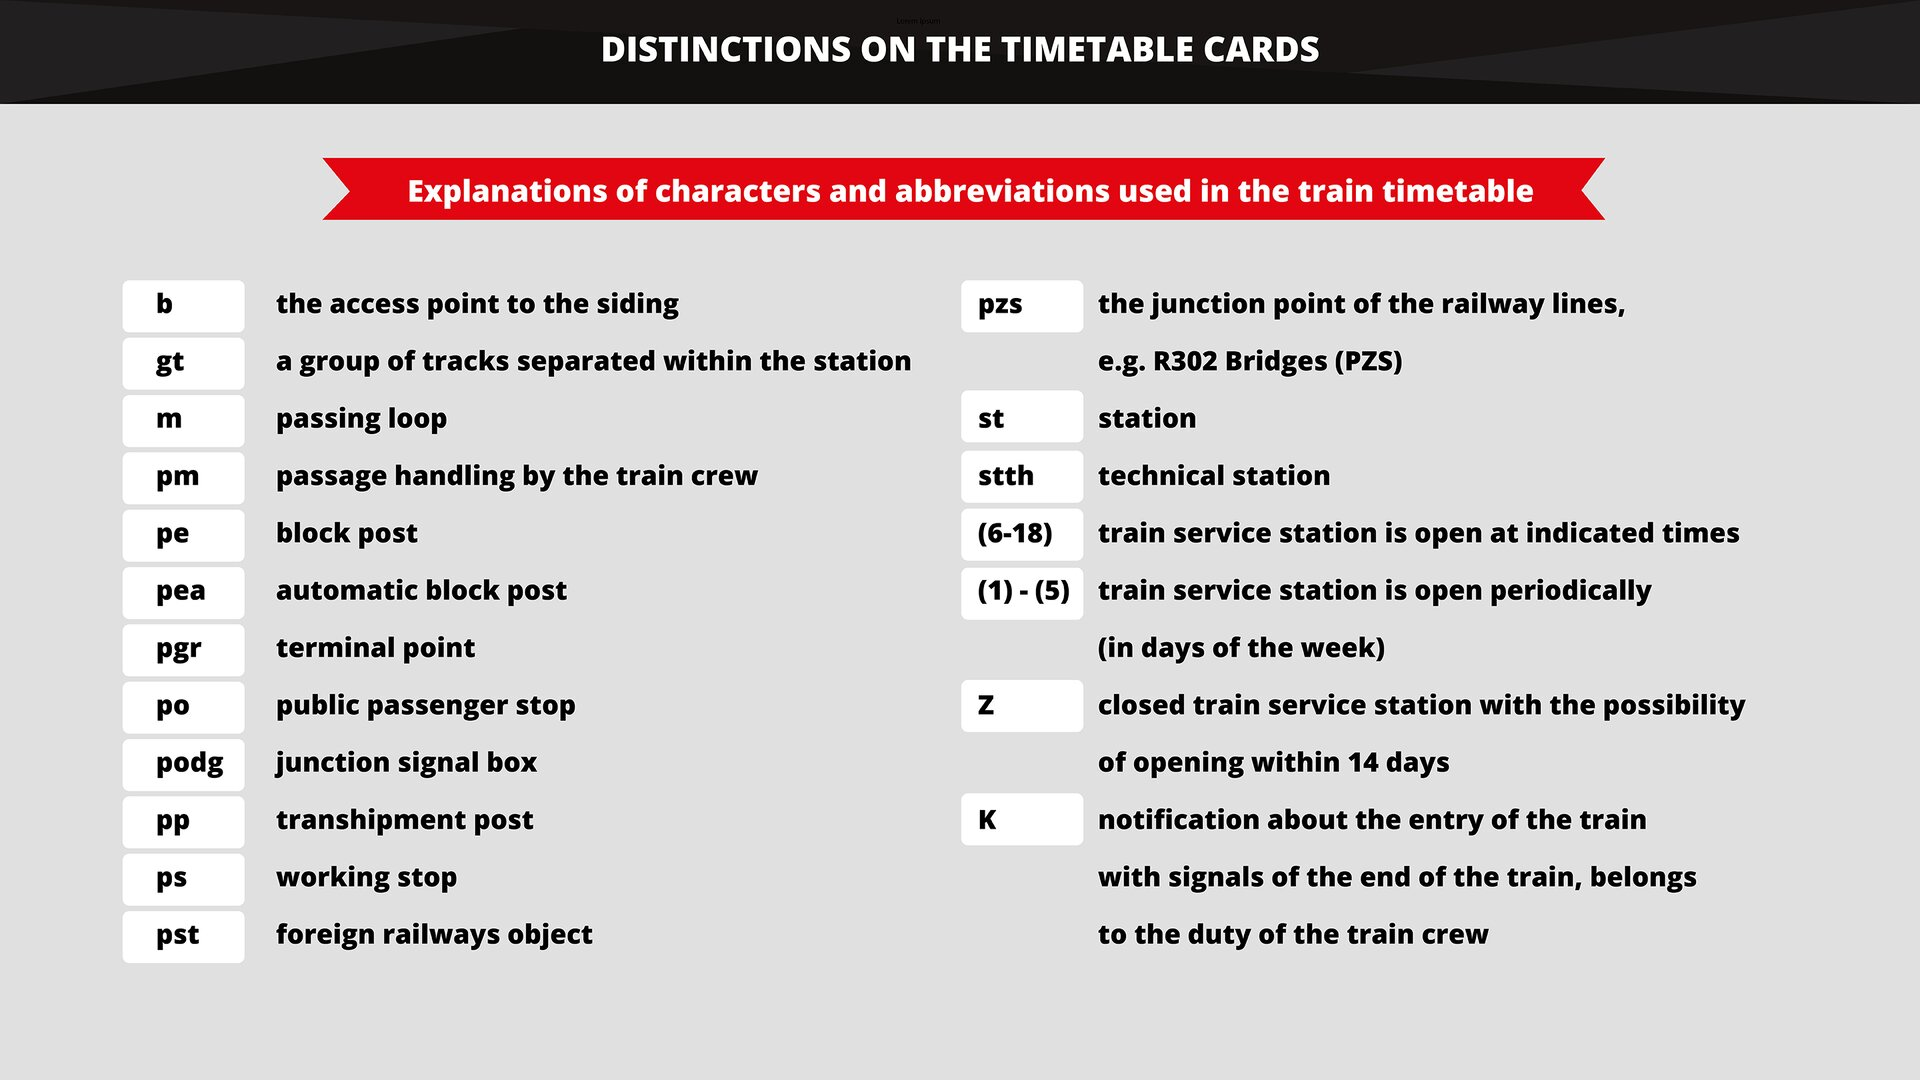 The graphics shows the selected distinctions used on the timetable cards in Poland. Grafika przedstawia opis wybranych wyróżników stosowanych wPolsce na kartach rozkładów jazdy.